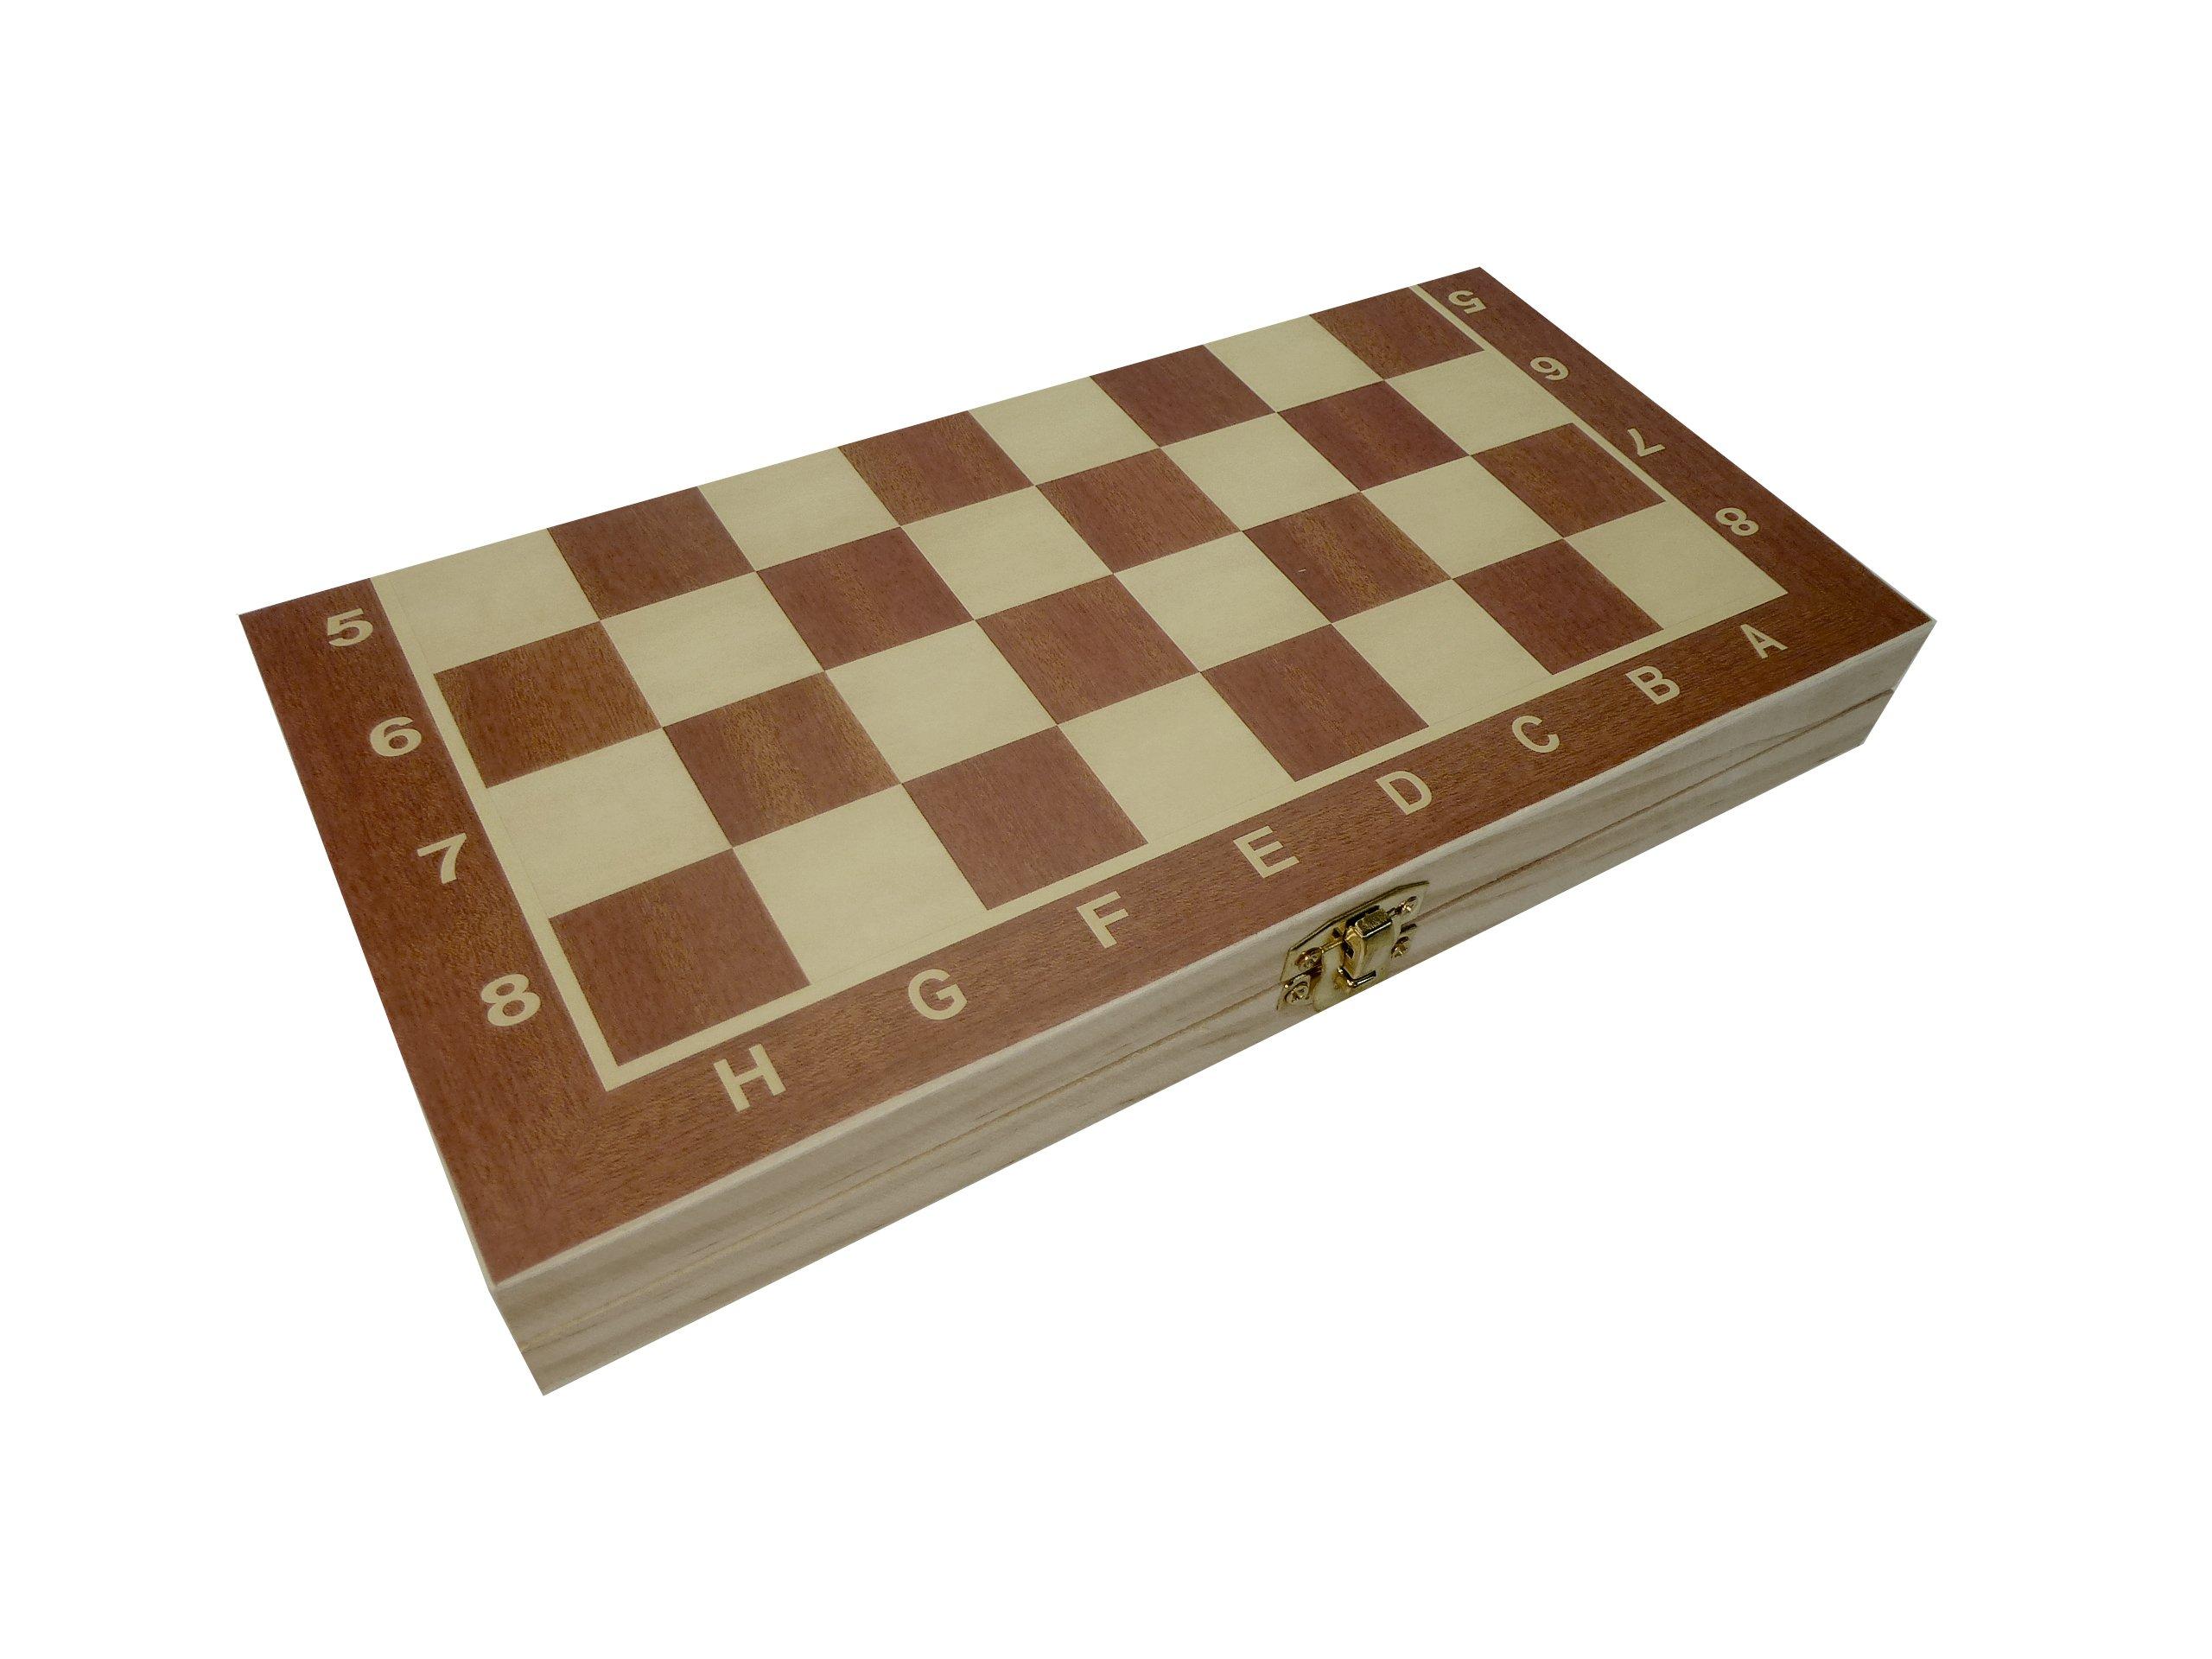 CT-Schach-Dame-Backgammon-Spielbrett-3-in-1-in-Klappbox-aus-Holz